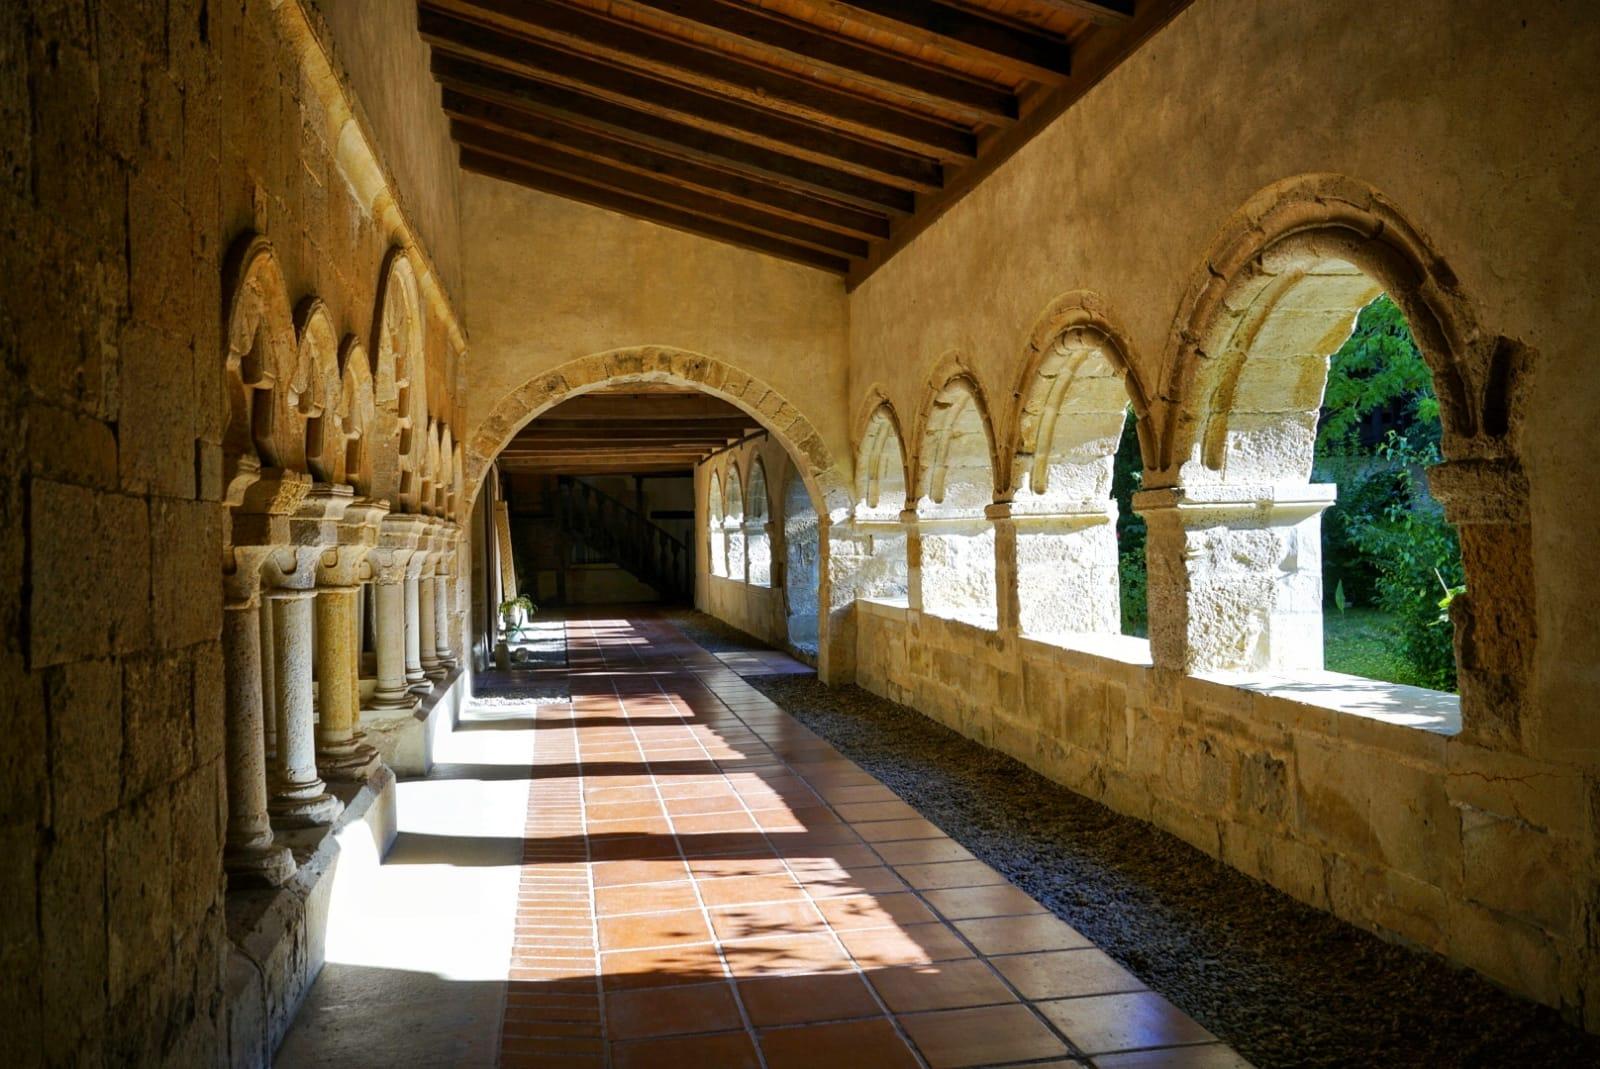 Claustro del Monasterio de Santa María La Real en Gradefes